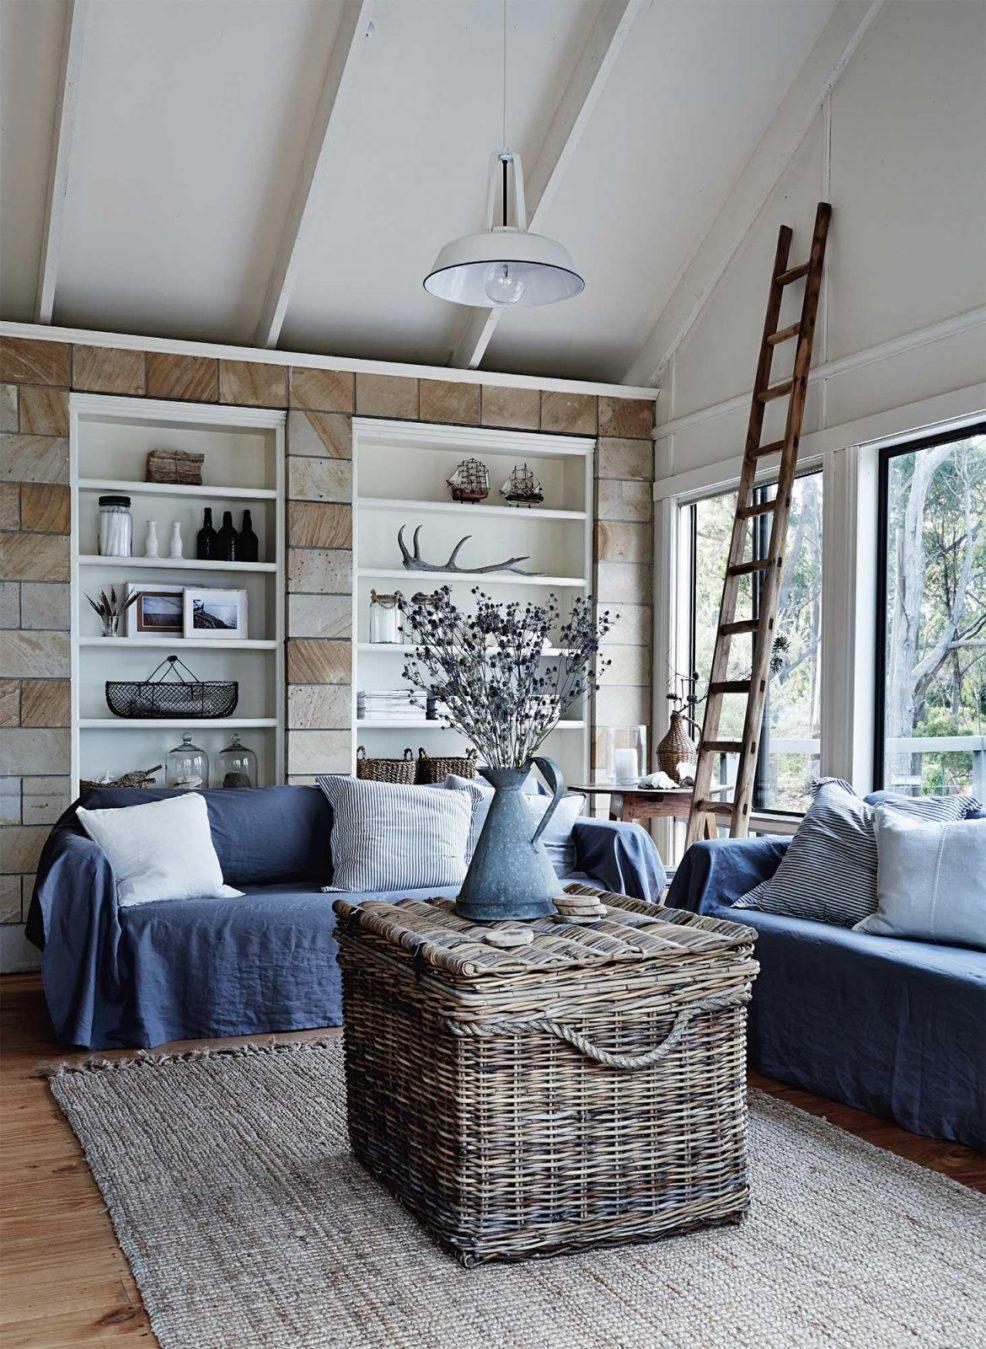 Envie d'une déco bord de mer cosy pour votre salon ? Trouvez l'inspiration avec cette maison de Tasmanie aux style discret et authentique.